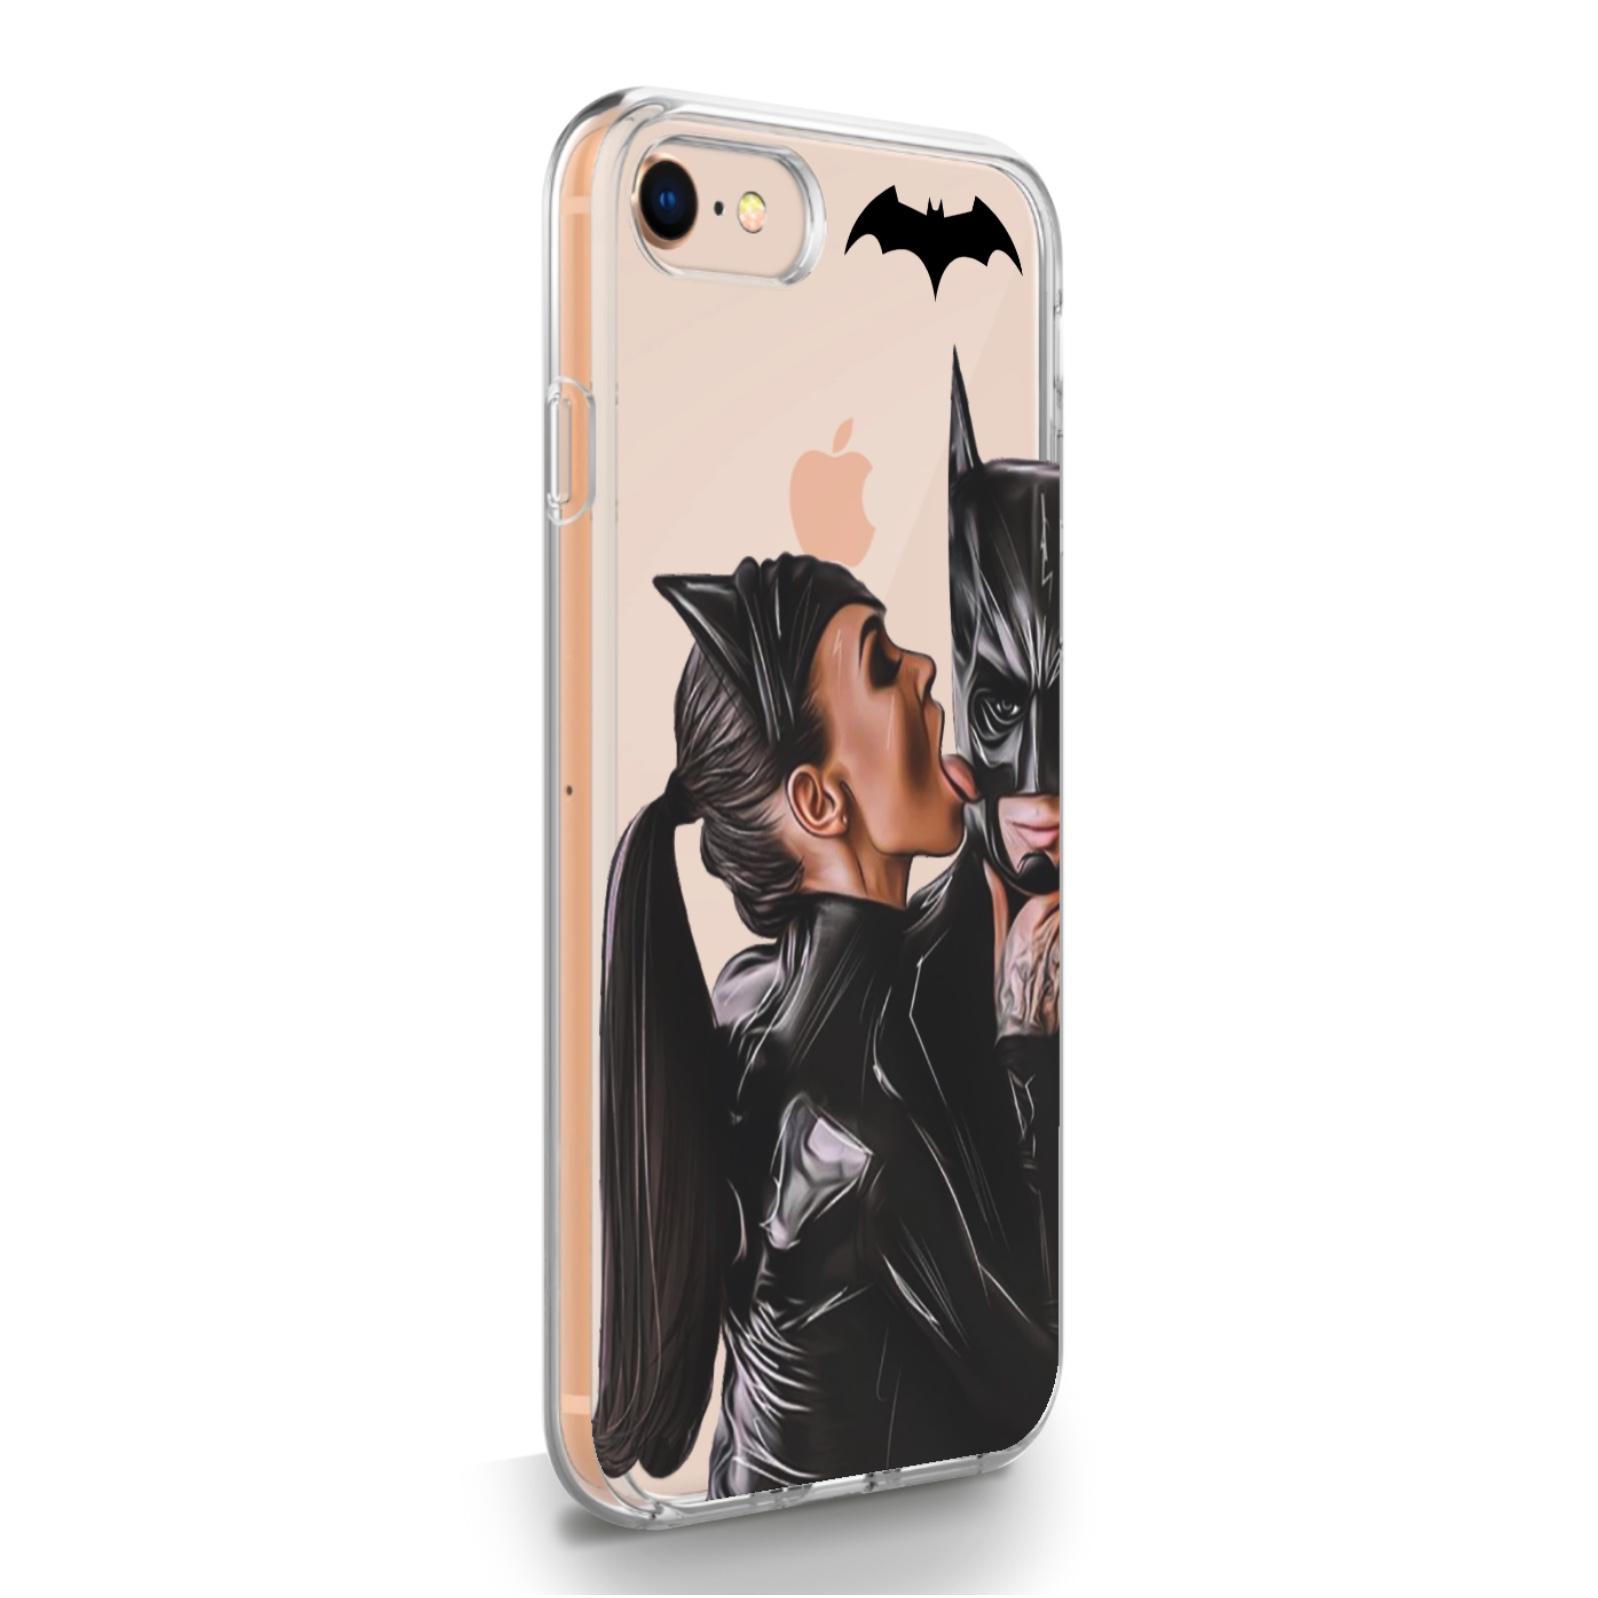 Прозрачный силиконовый чехол для iPhone 7/8/SE2020 Cat Woman/ Женщина кошка Брюнетка для Айфон 7/8/СЕ2020